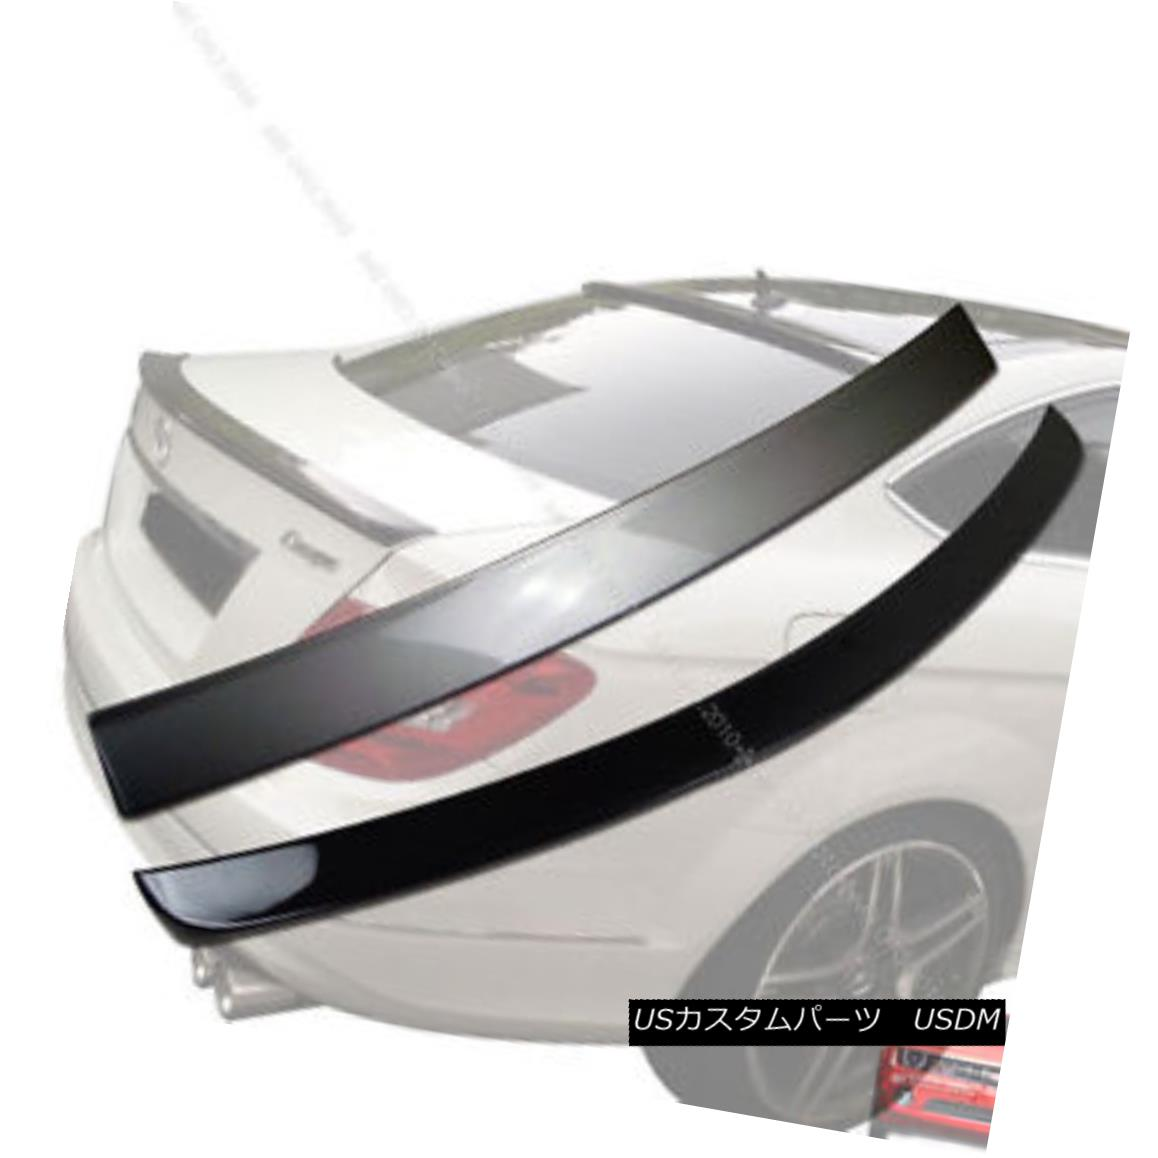 エアロパーツ Painted Mercedes Benz C204 Coupe OE Roof Spoiler & A Boot Trunk Spoiler § ペイントされたメルセデスベンツC204クーペOEルーフスポイラー& ブートトランク・スポイラー